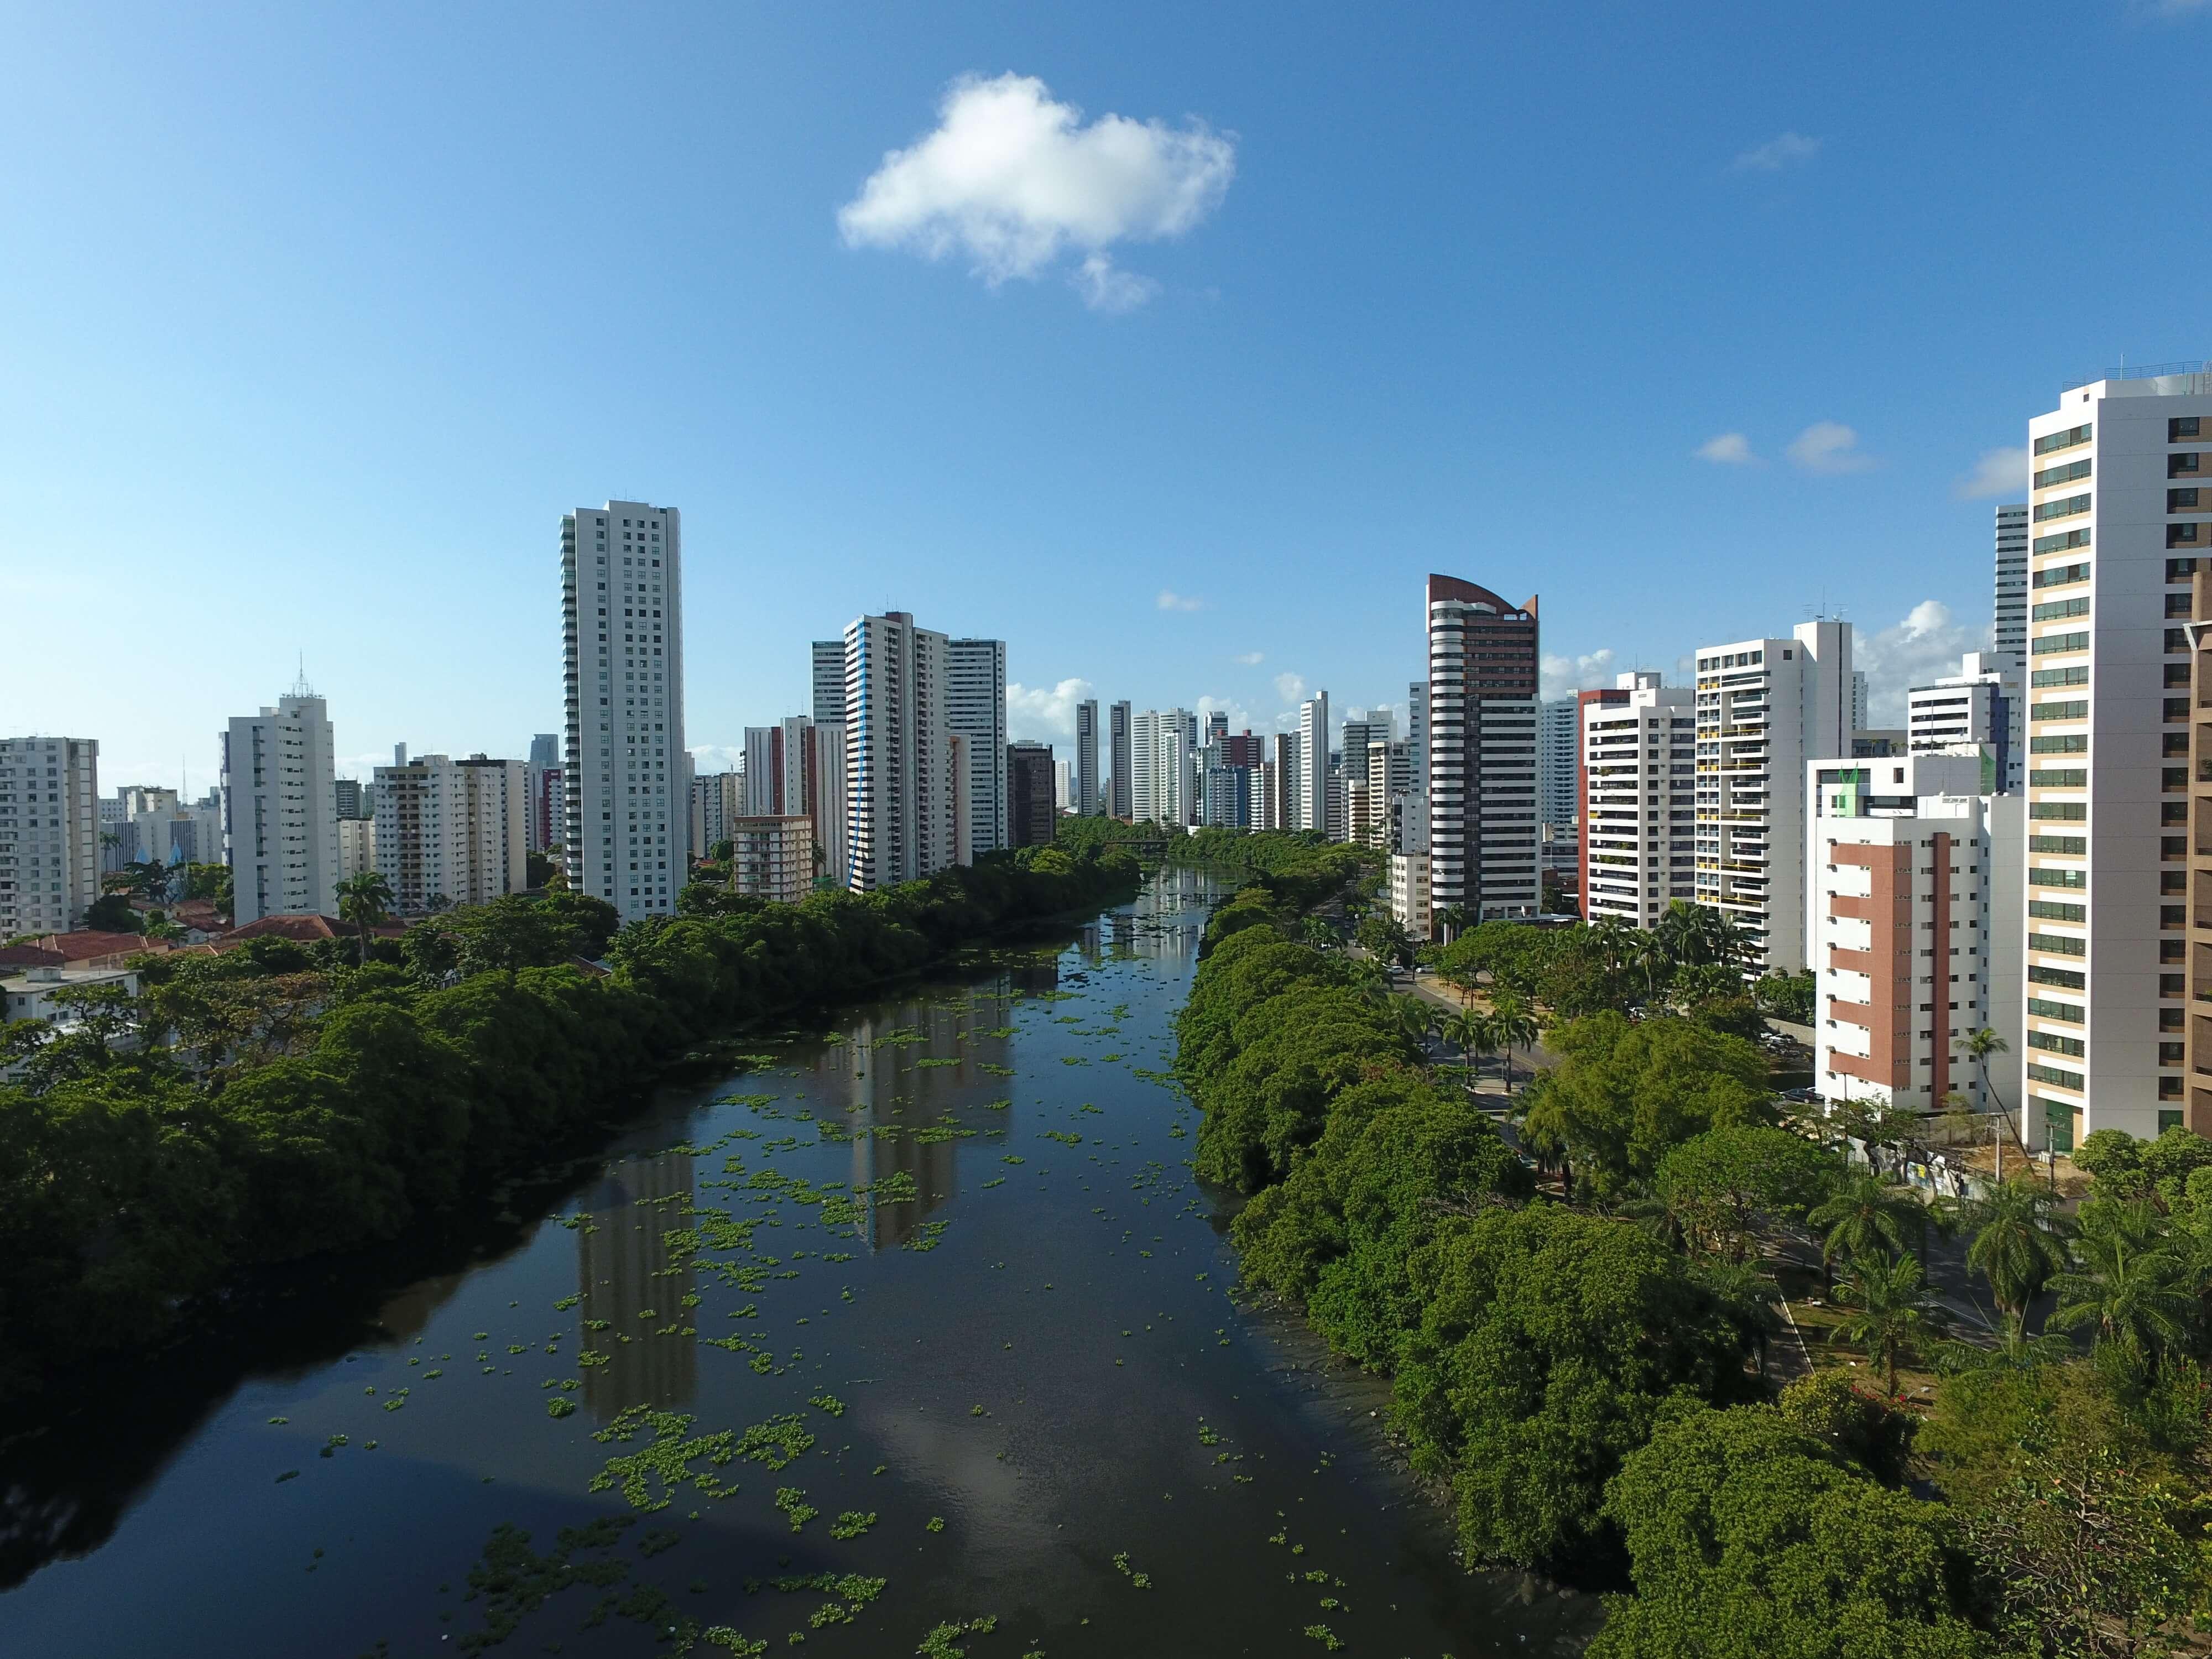 Rio Capibaribe - Cartografia e Informação Plonus